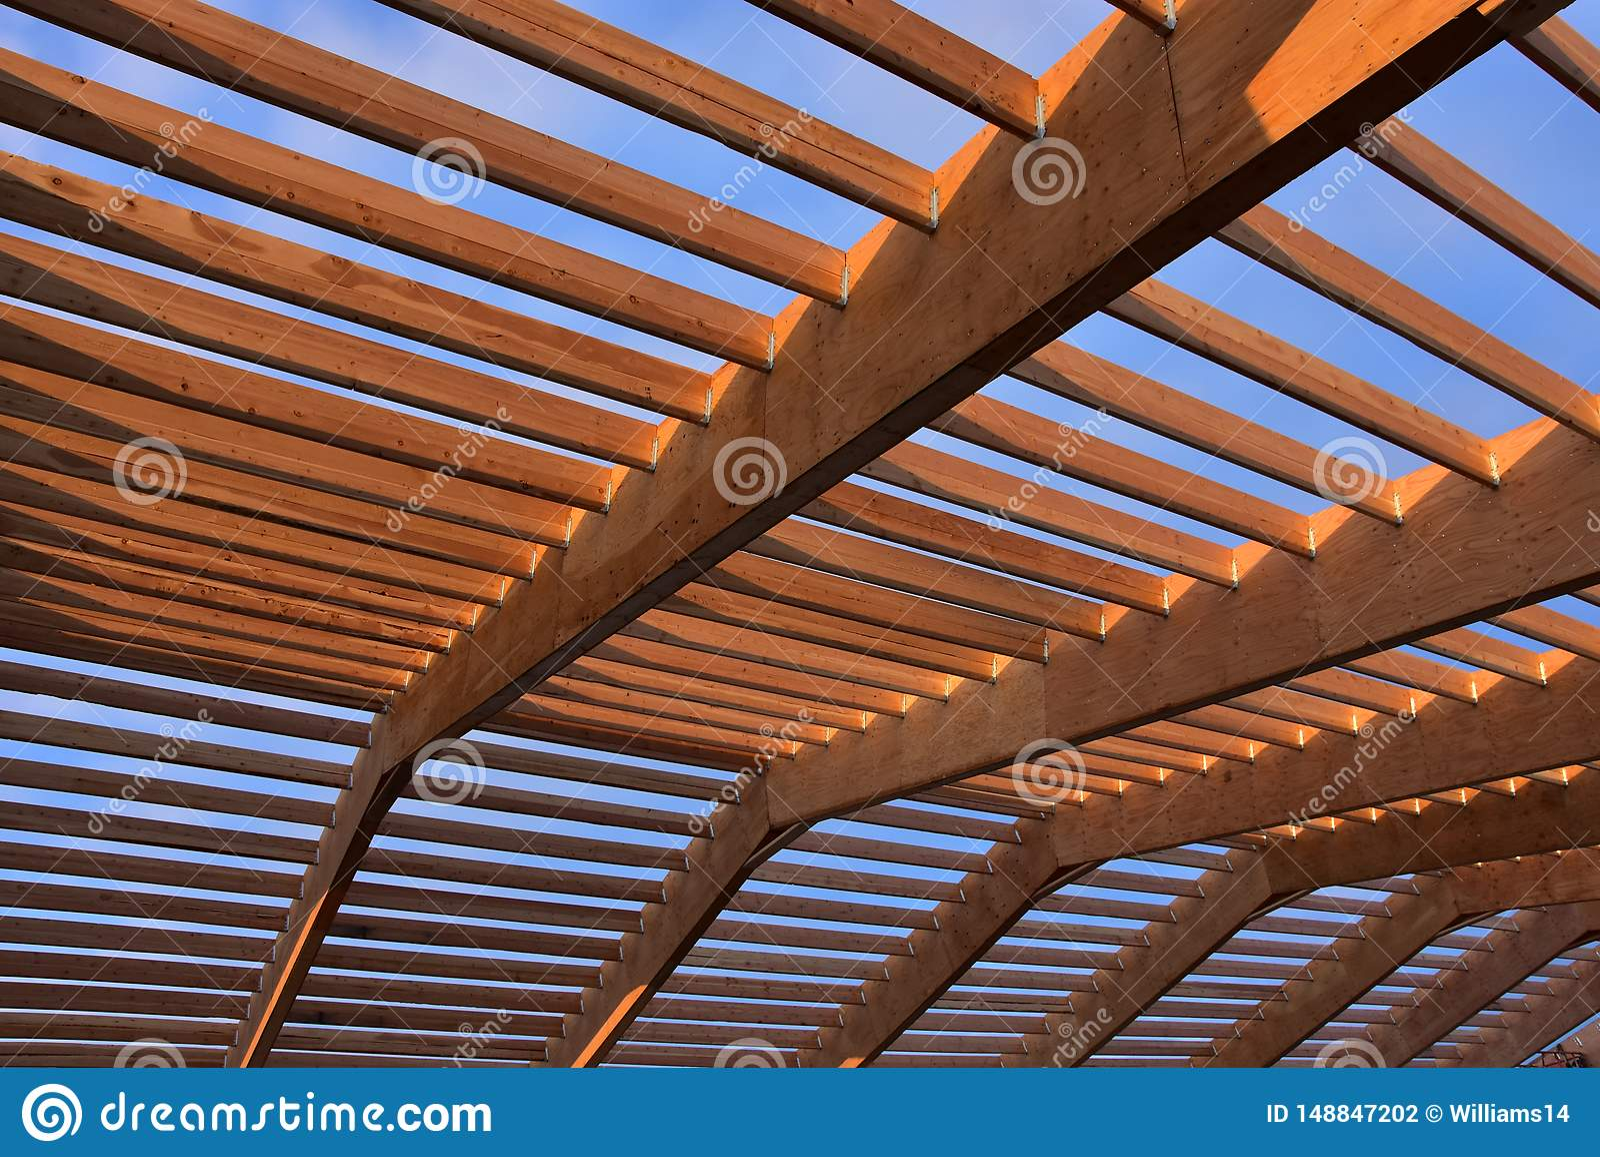 Nätverk av byggnadsmaterial